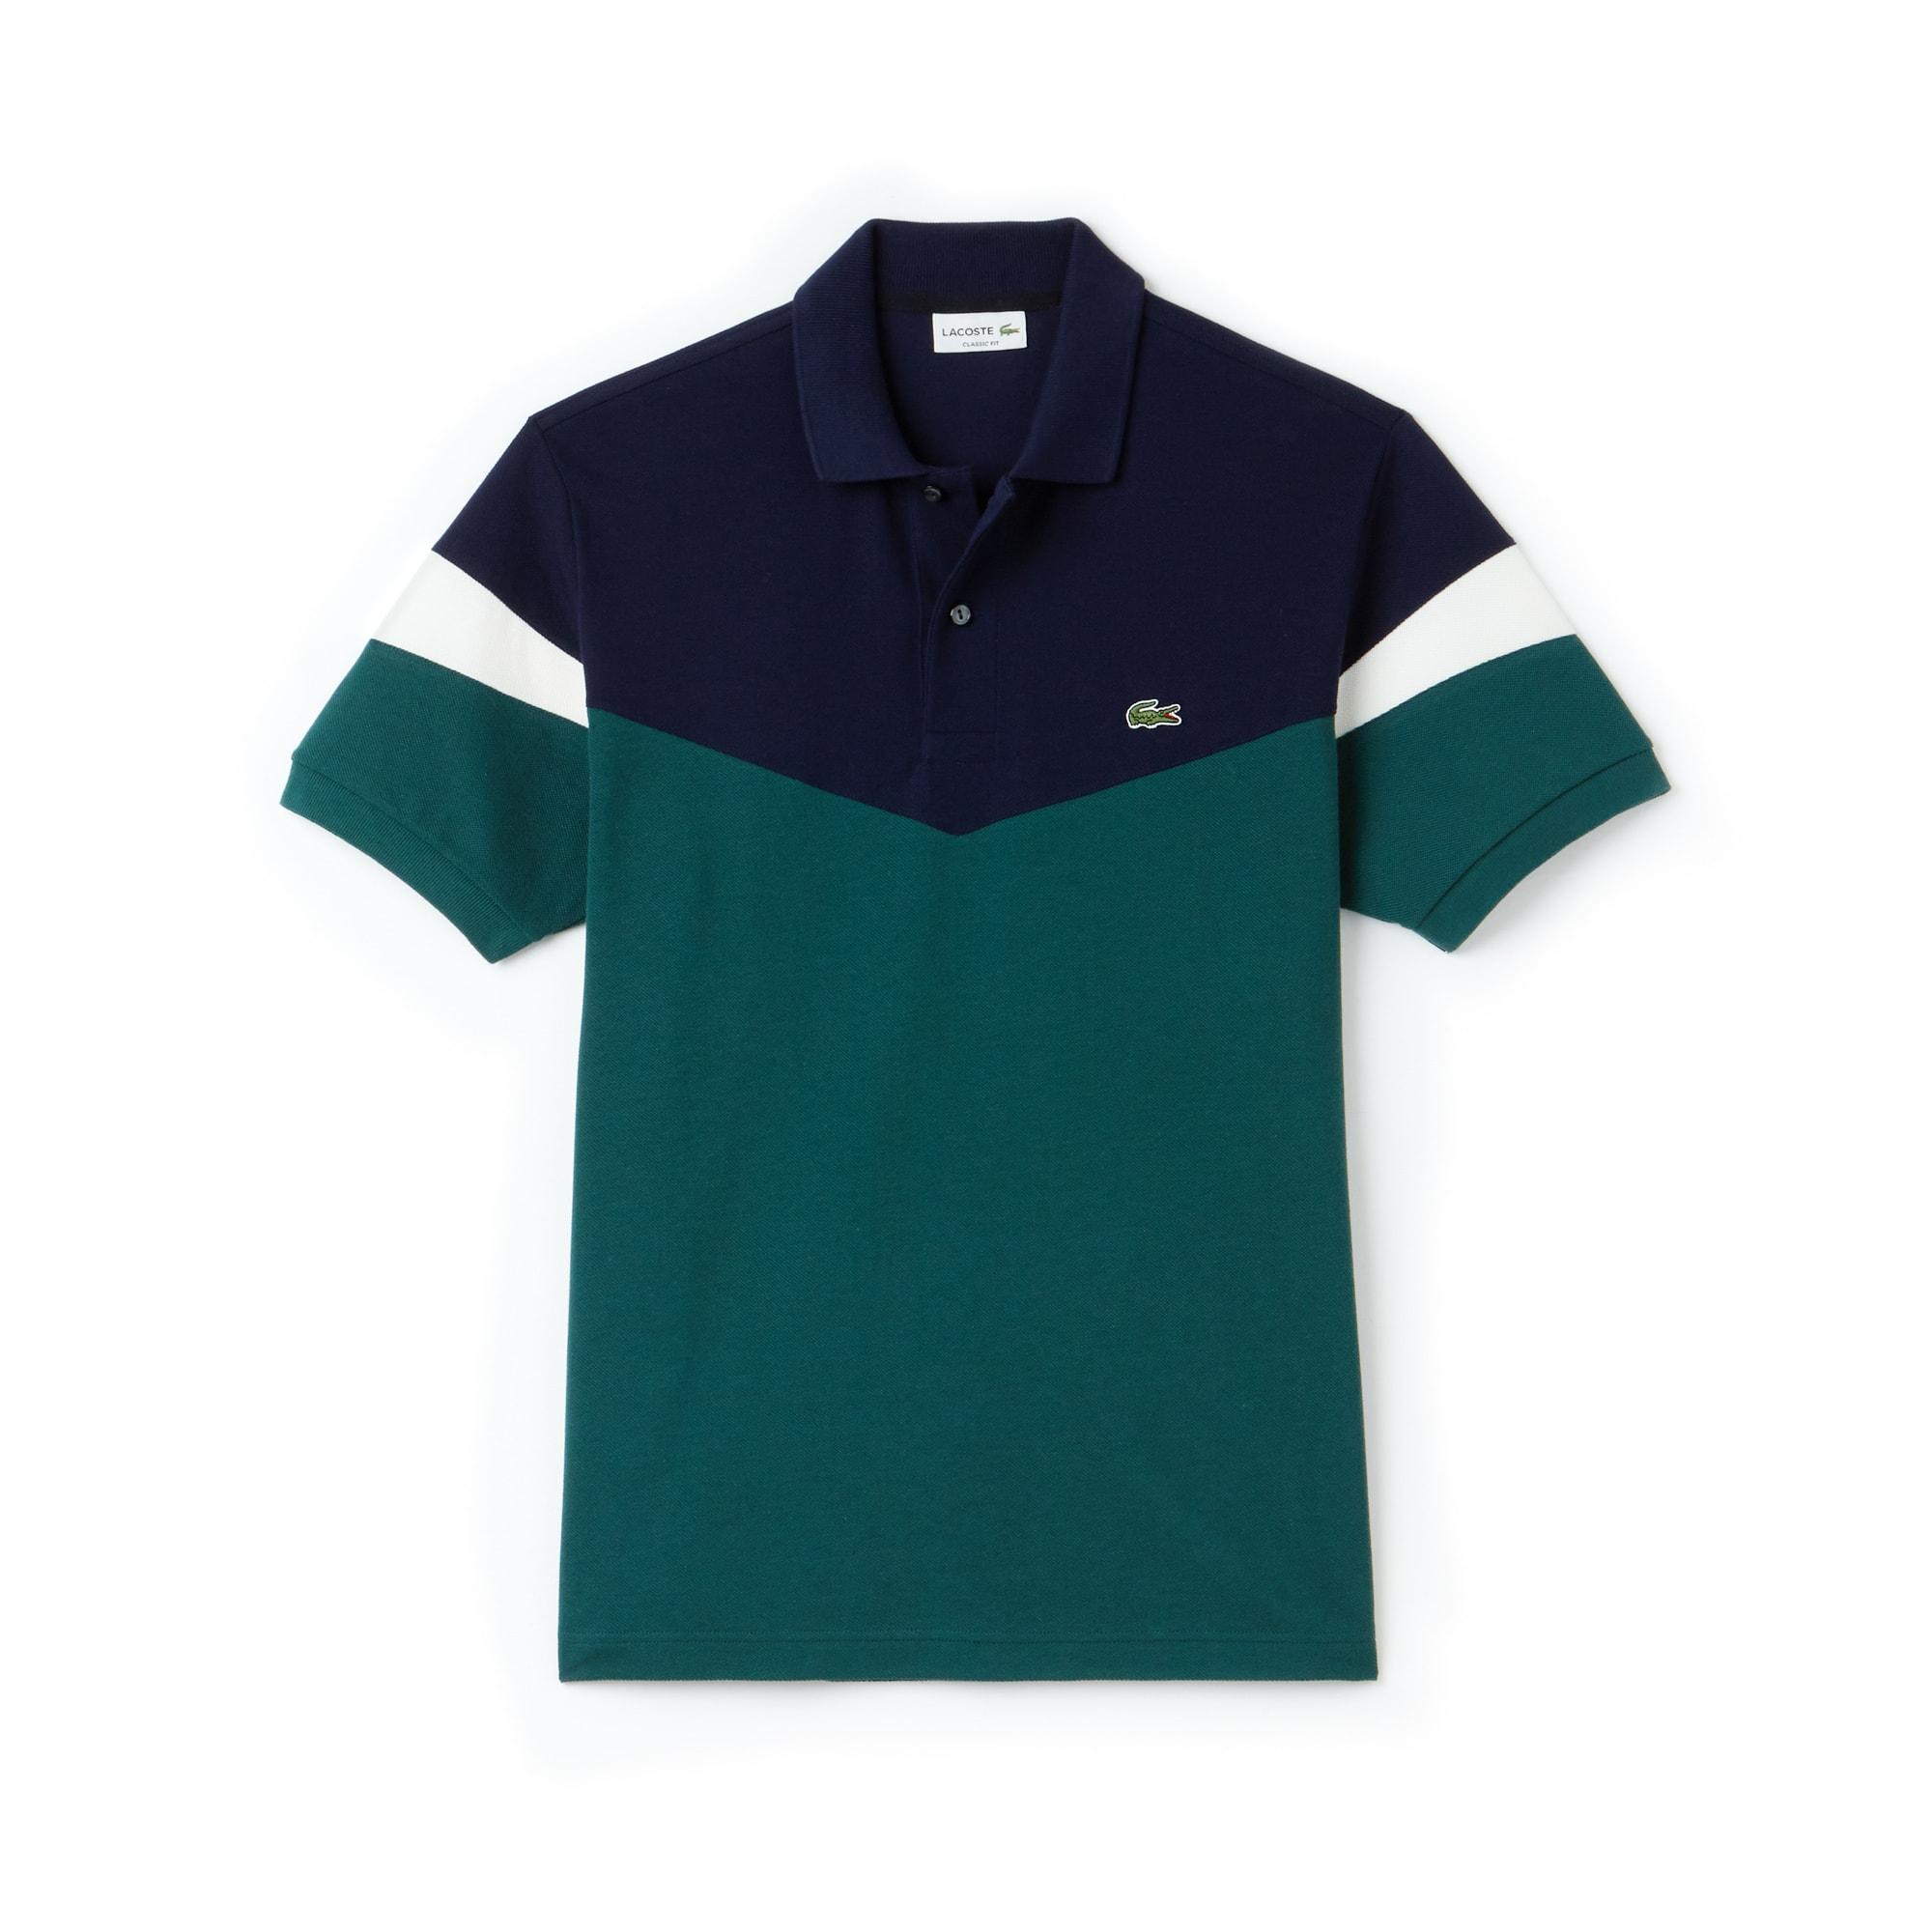 Men's Lacoste Classic Fit Colorblock Cotton Petit Piqué Polo Shirt